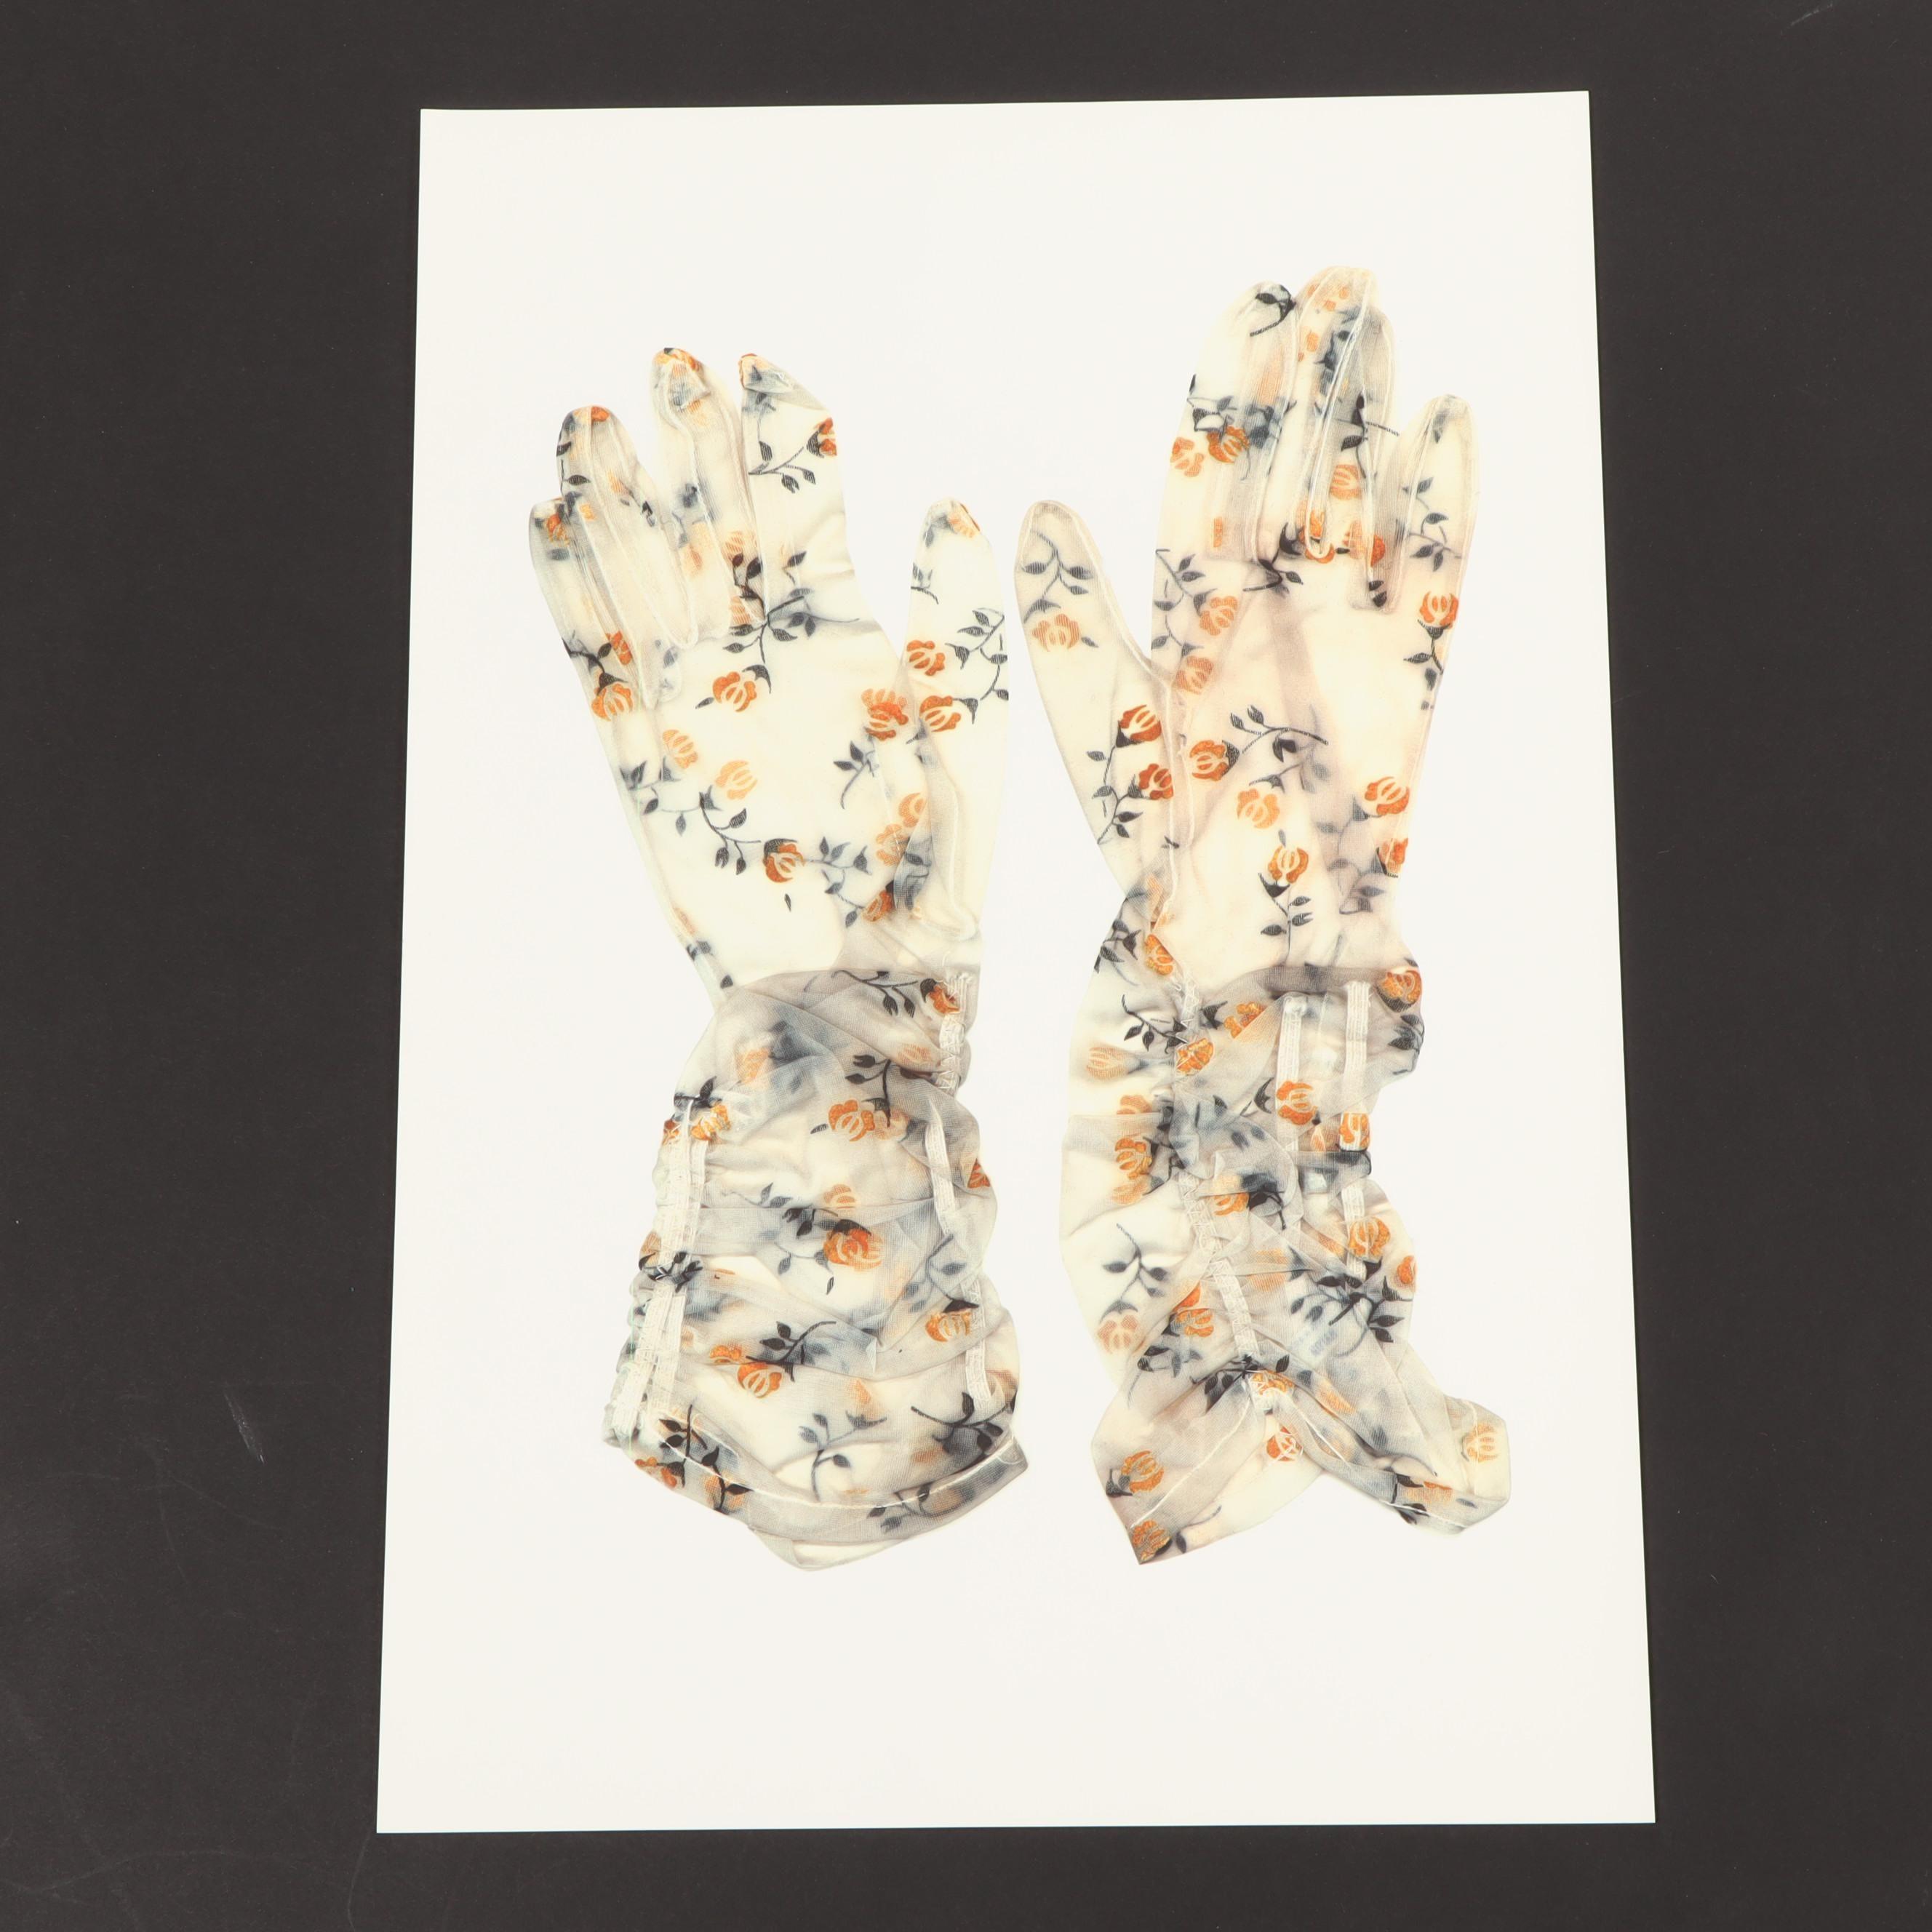 Karen Savage Color Photogram of Floral Gloves